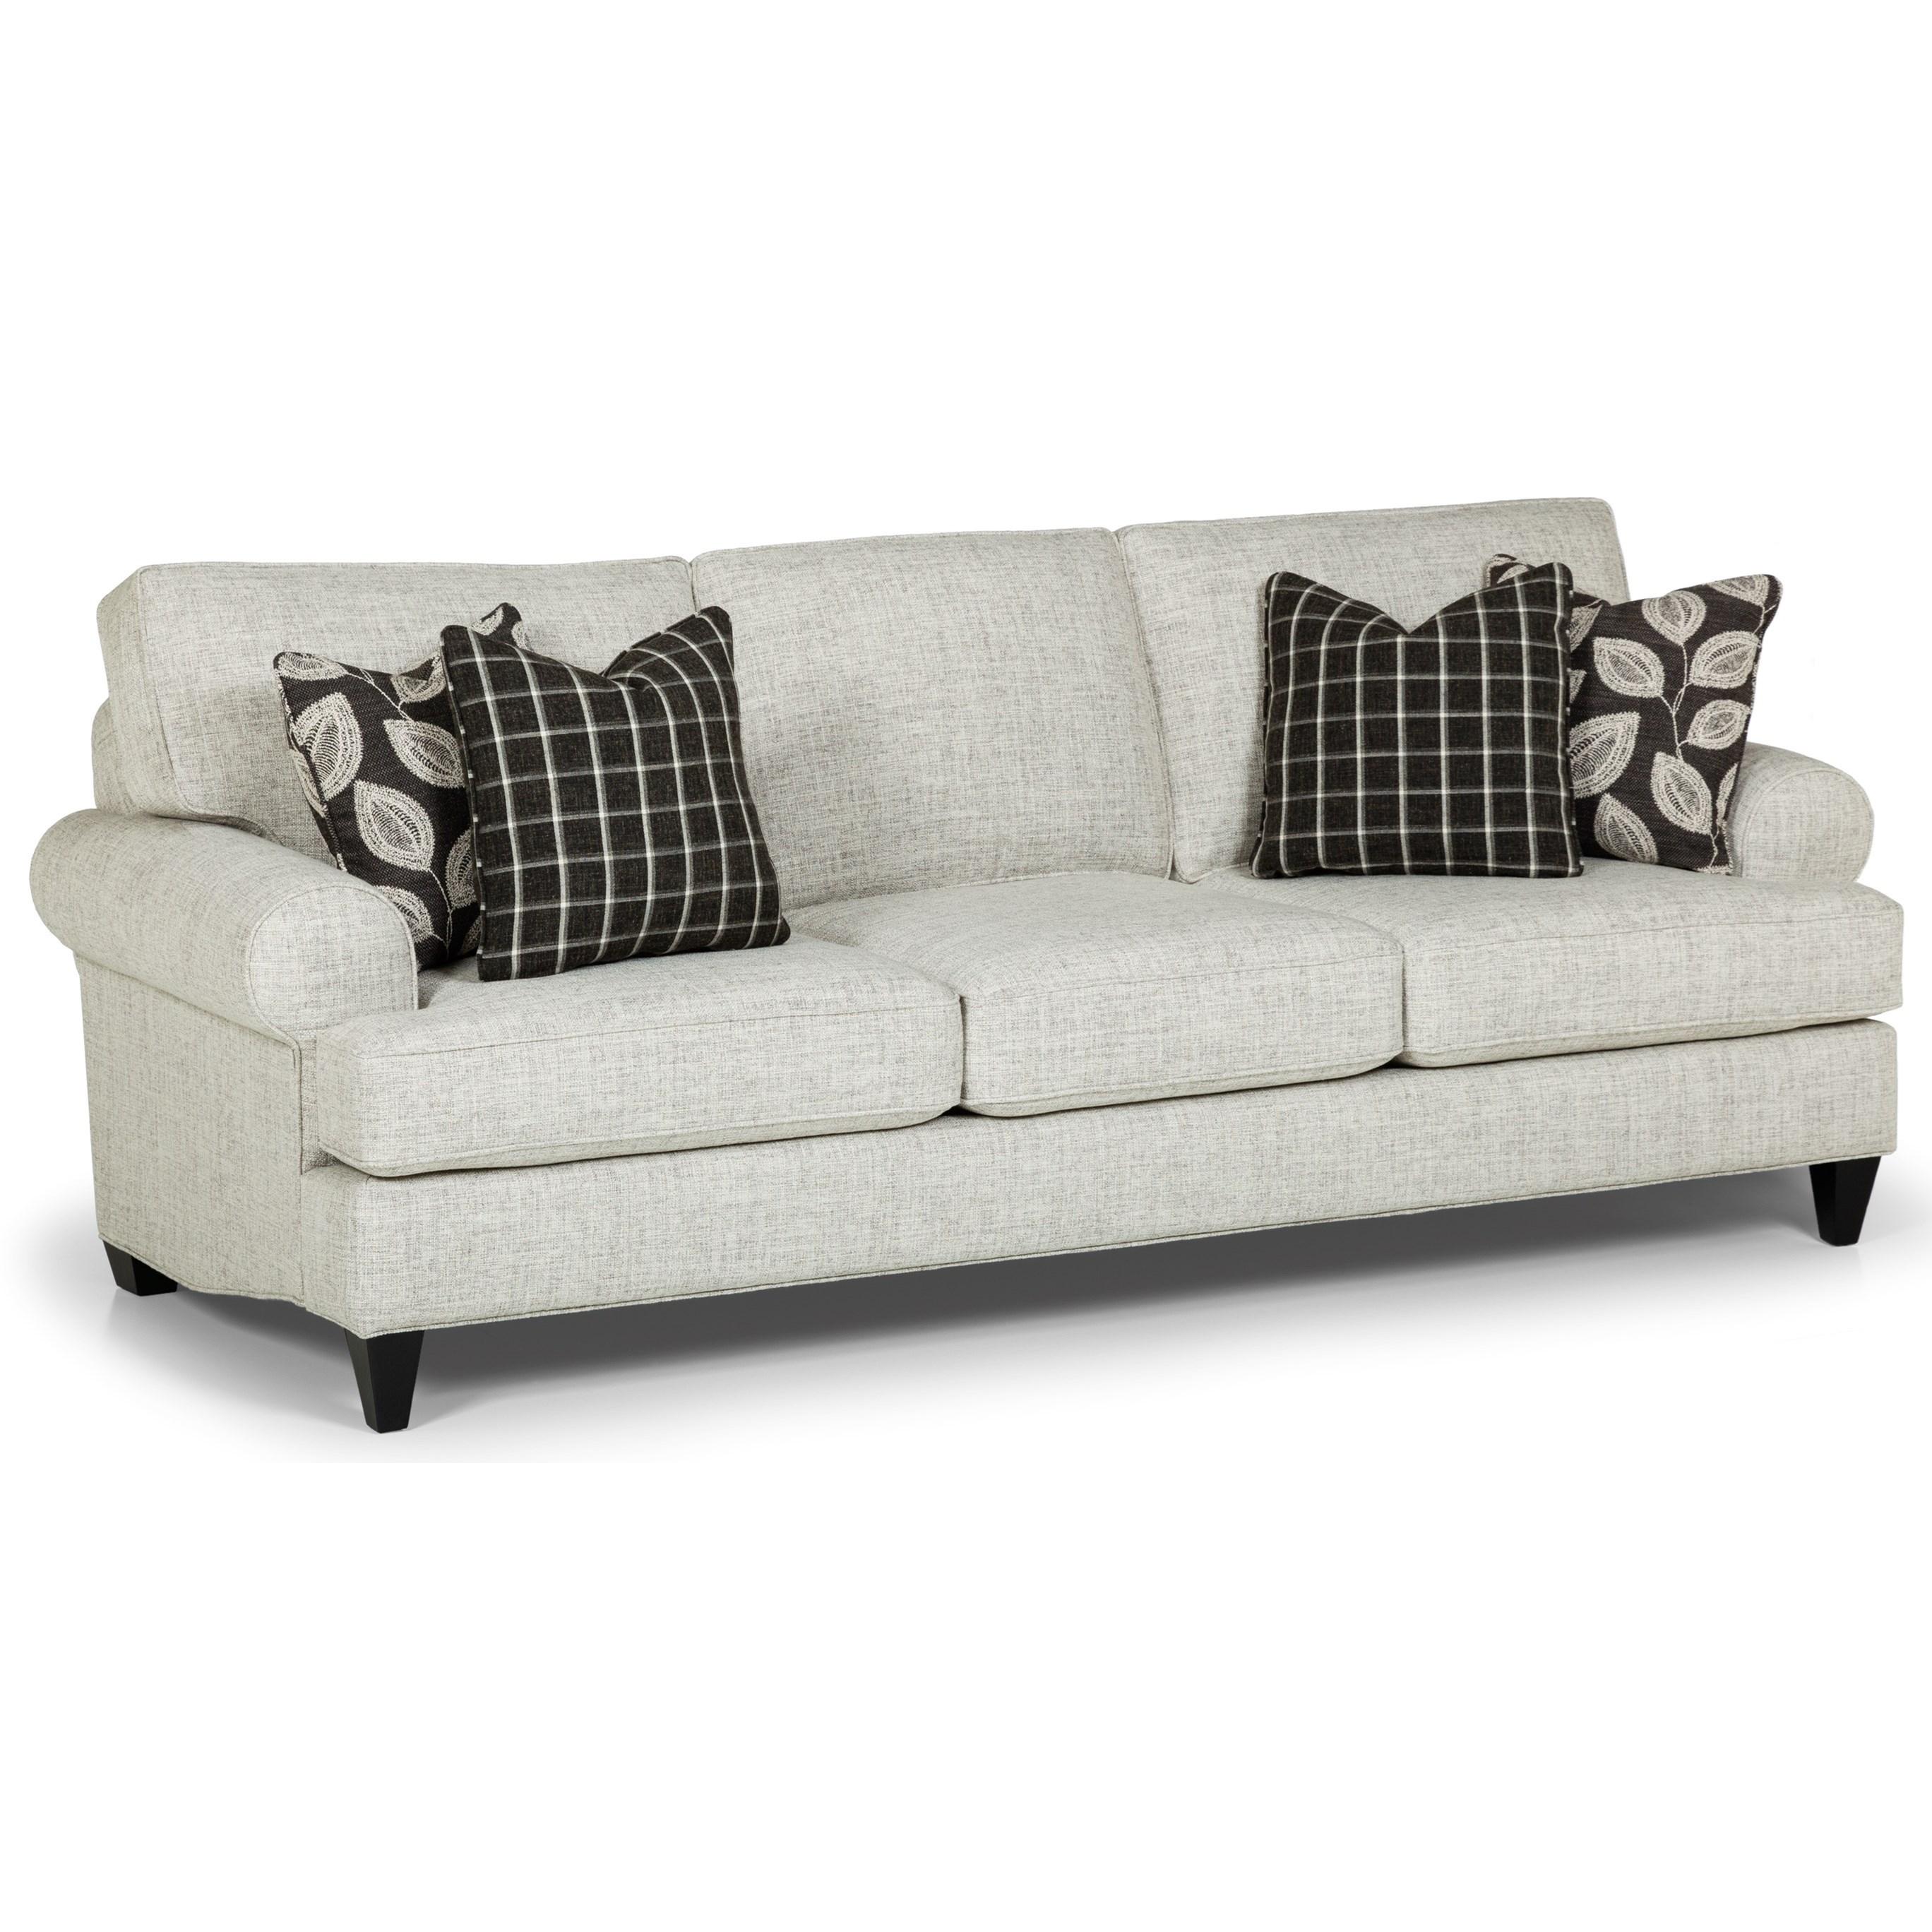 Stanton 467 Sofa - Item Number: 467-01